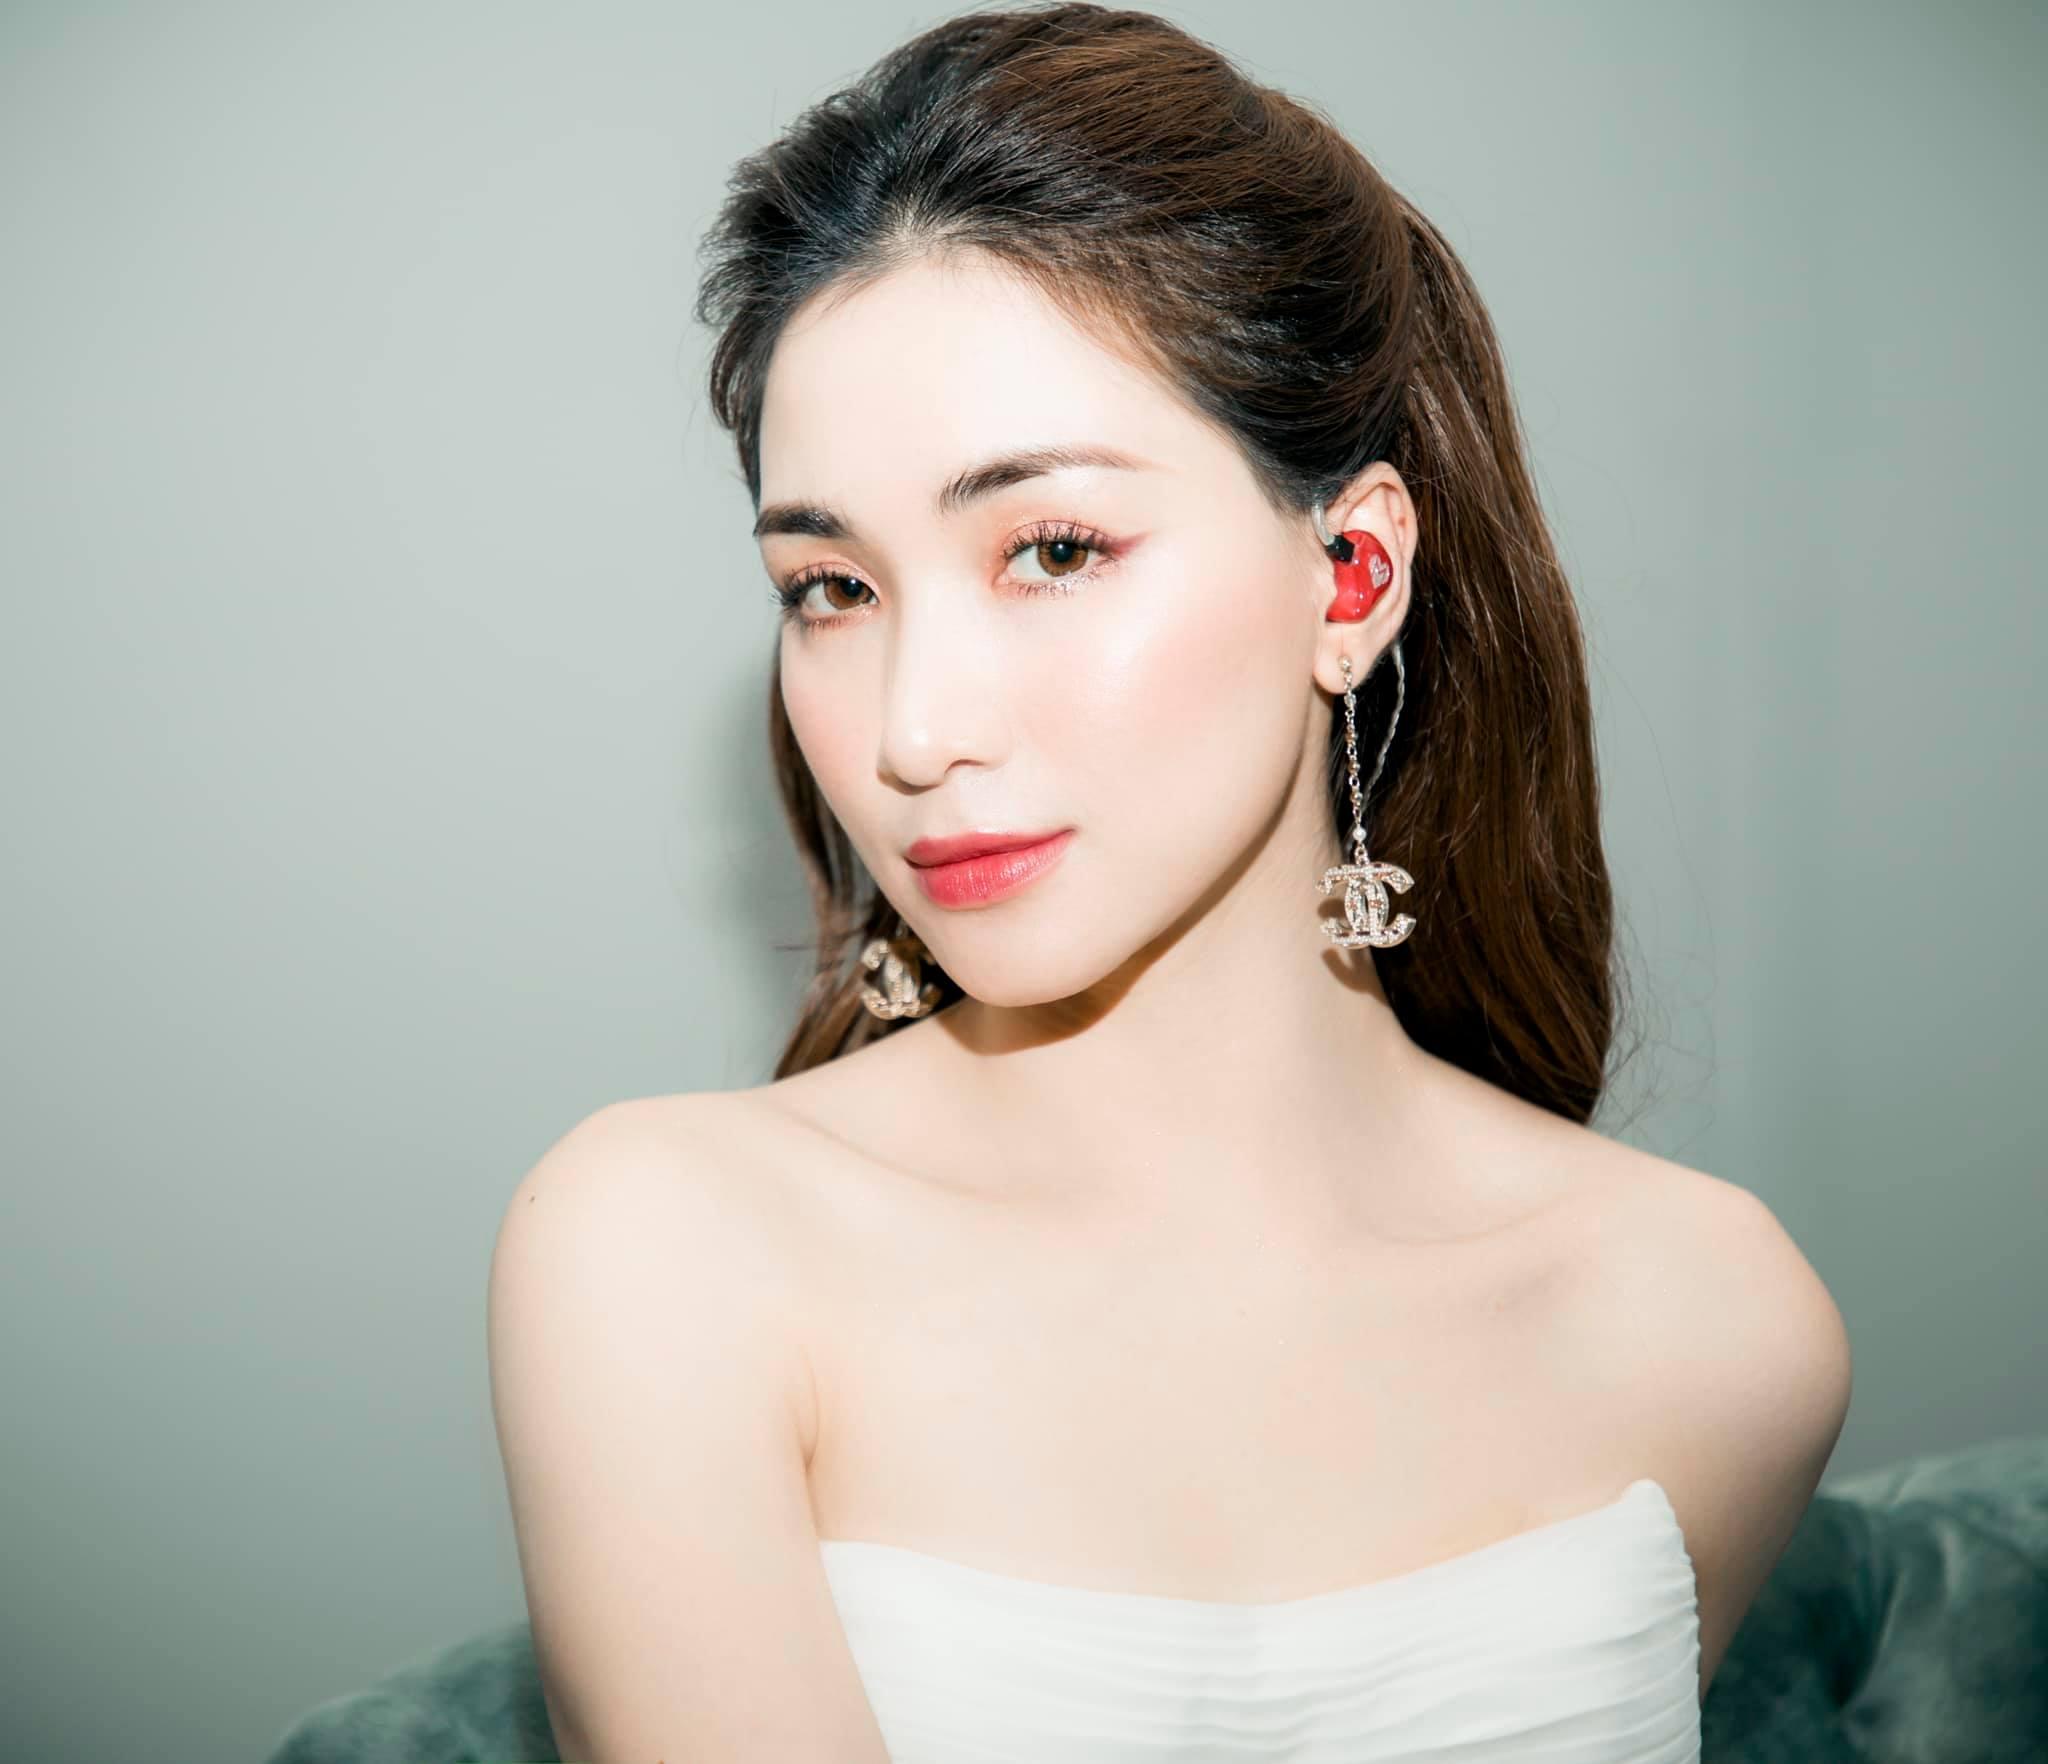 Vì sao Hòa Minzy và chồng đại gia có con chung nhưng chưa làm đám cưới? - Ảnh 5.